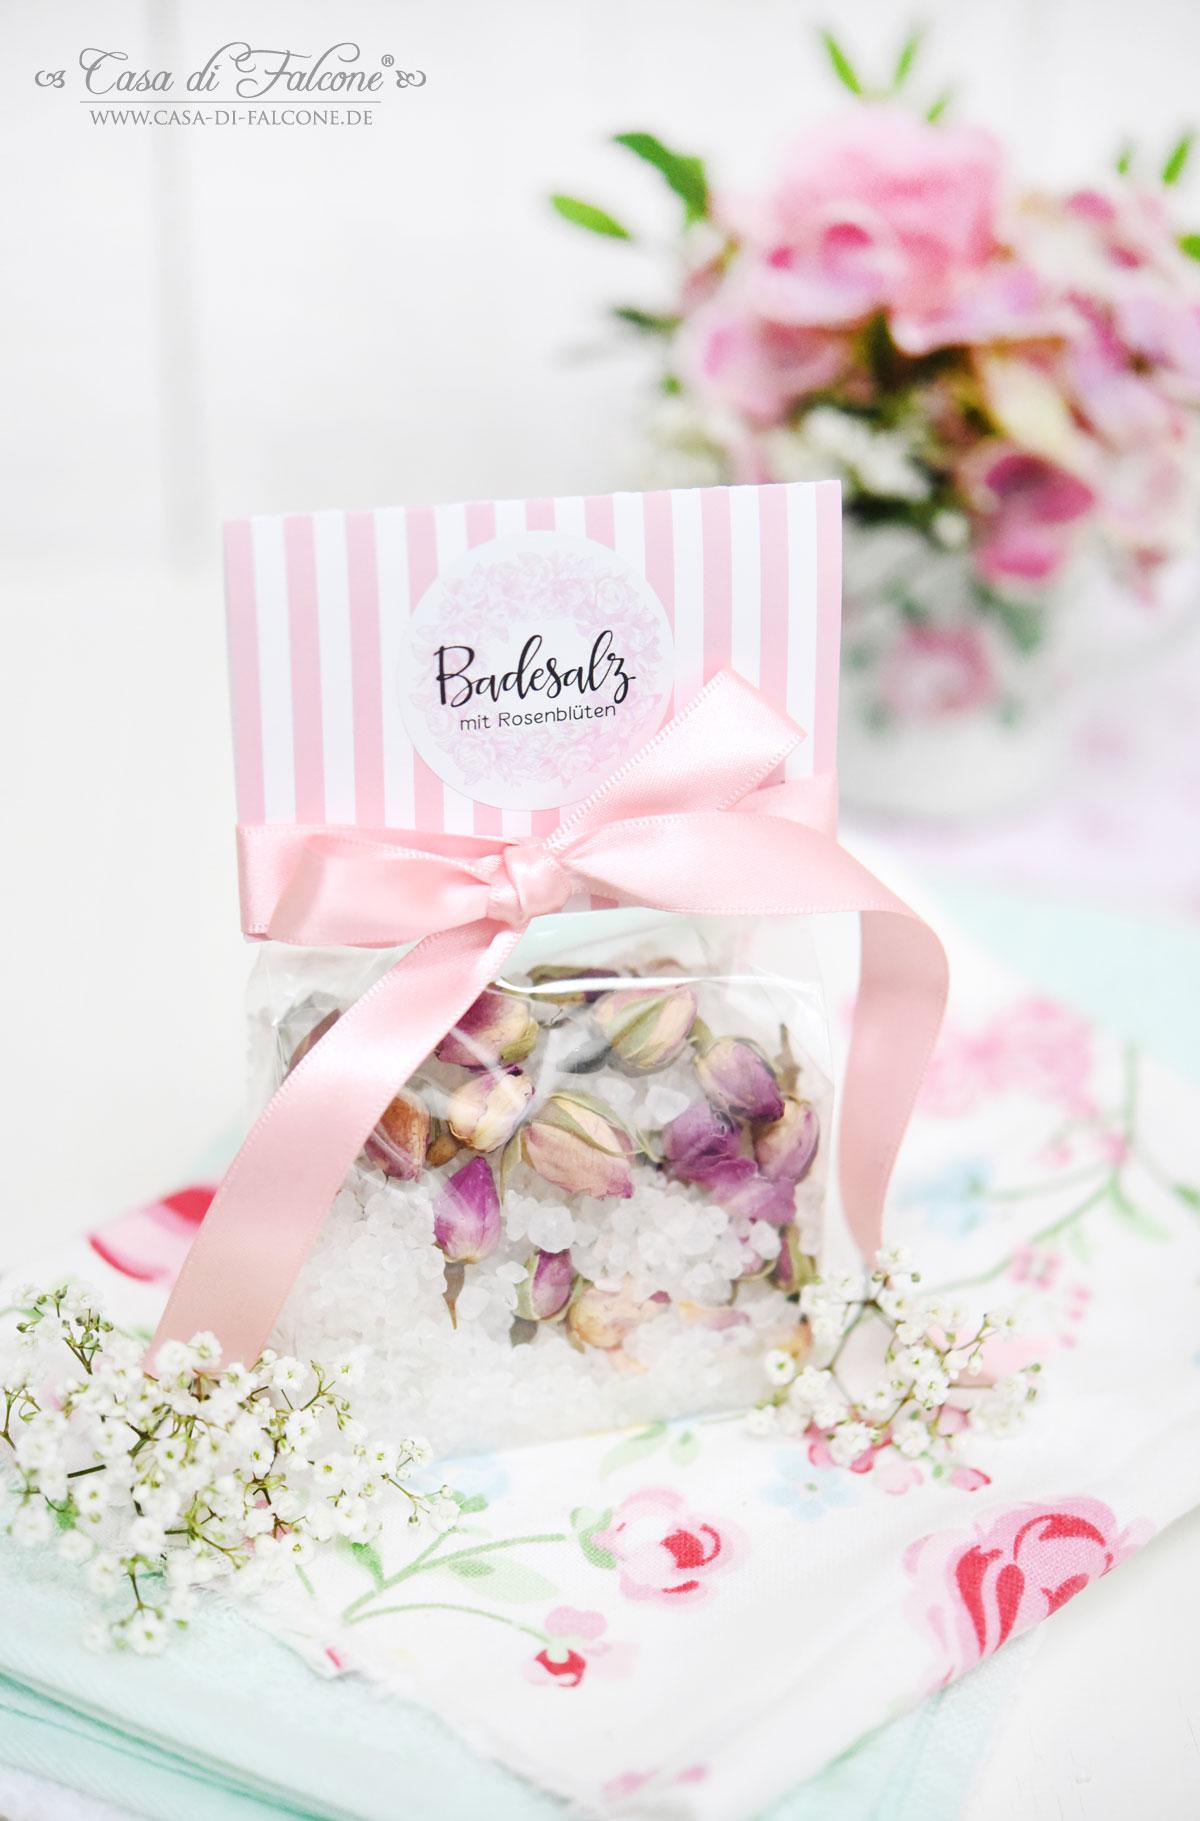 Badesalz mit Rosenblüten {Rezept} & 3 Verpackungsideen - Casa di Falcone